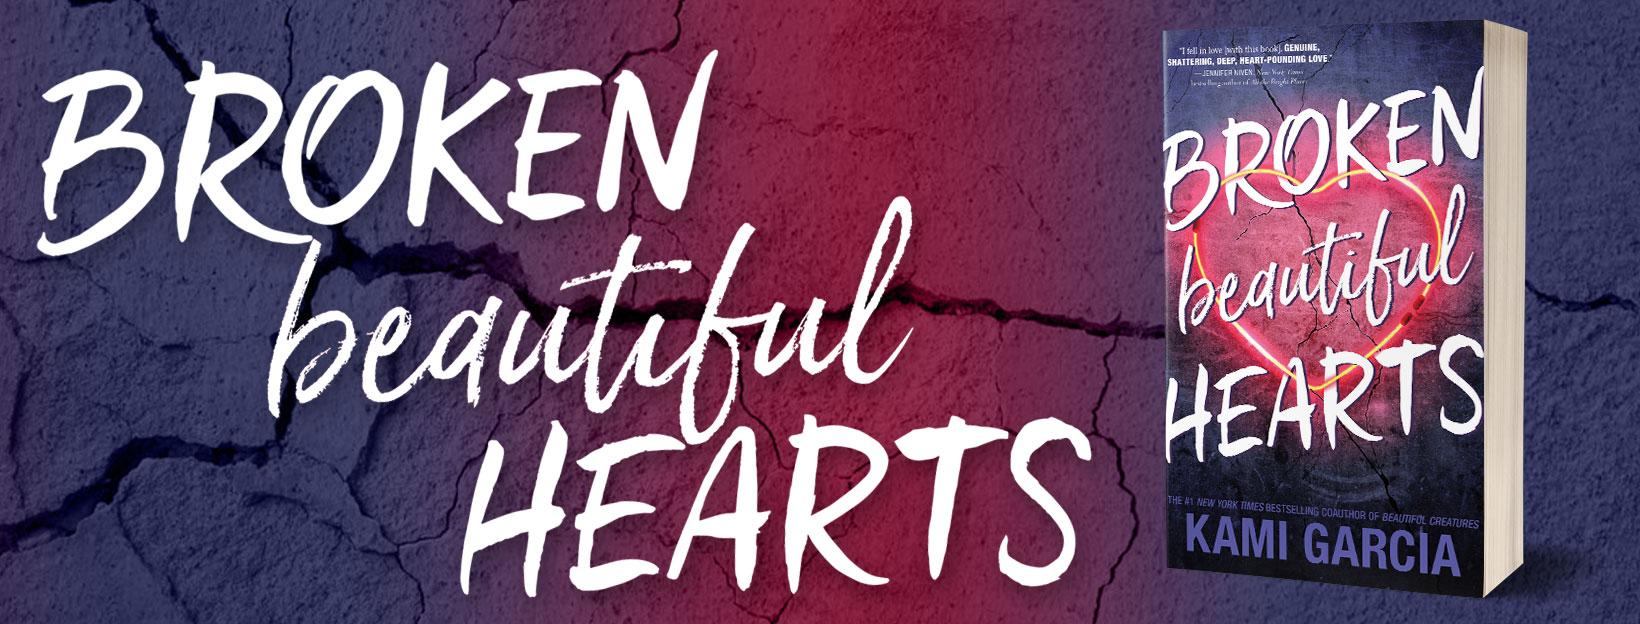 Blog Tour Review:  Beautiful Broken Hearts by Kami Garcia